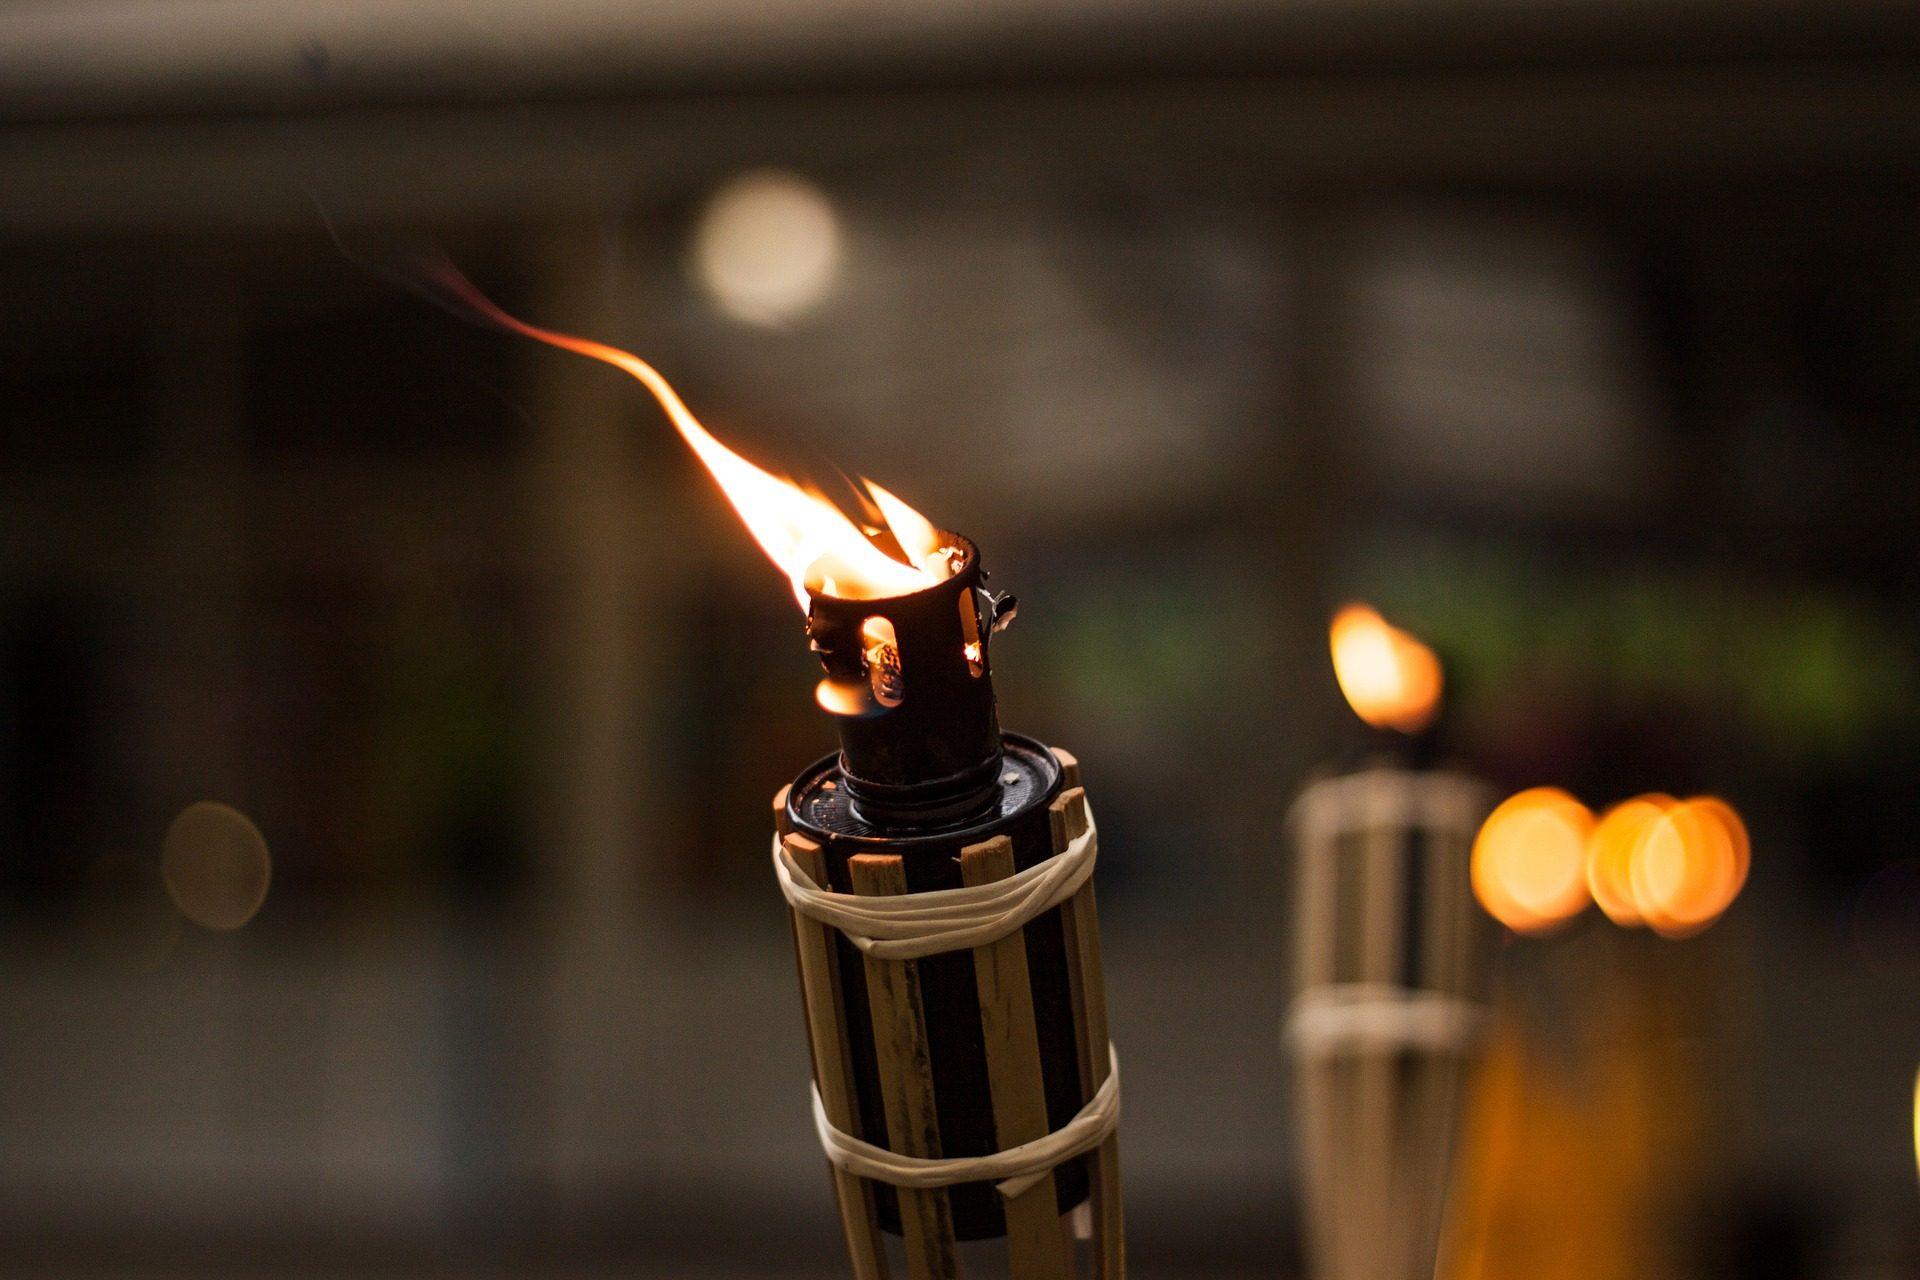 Torcia, chiamato, fuoco, luce, fiamma - Sfondi HD - Professor-falken.com